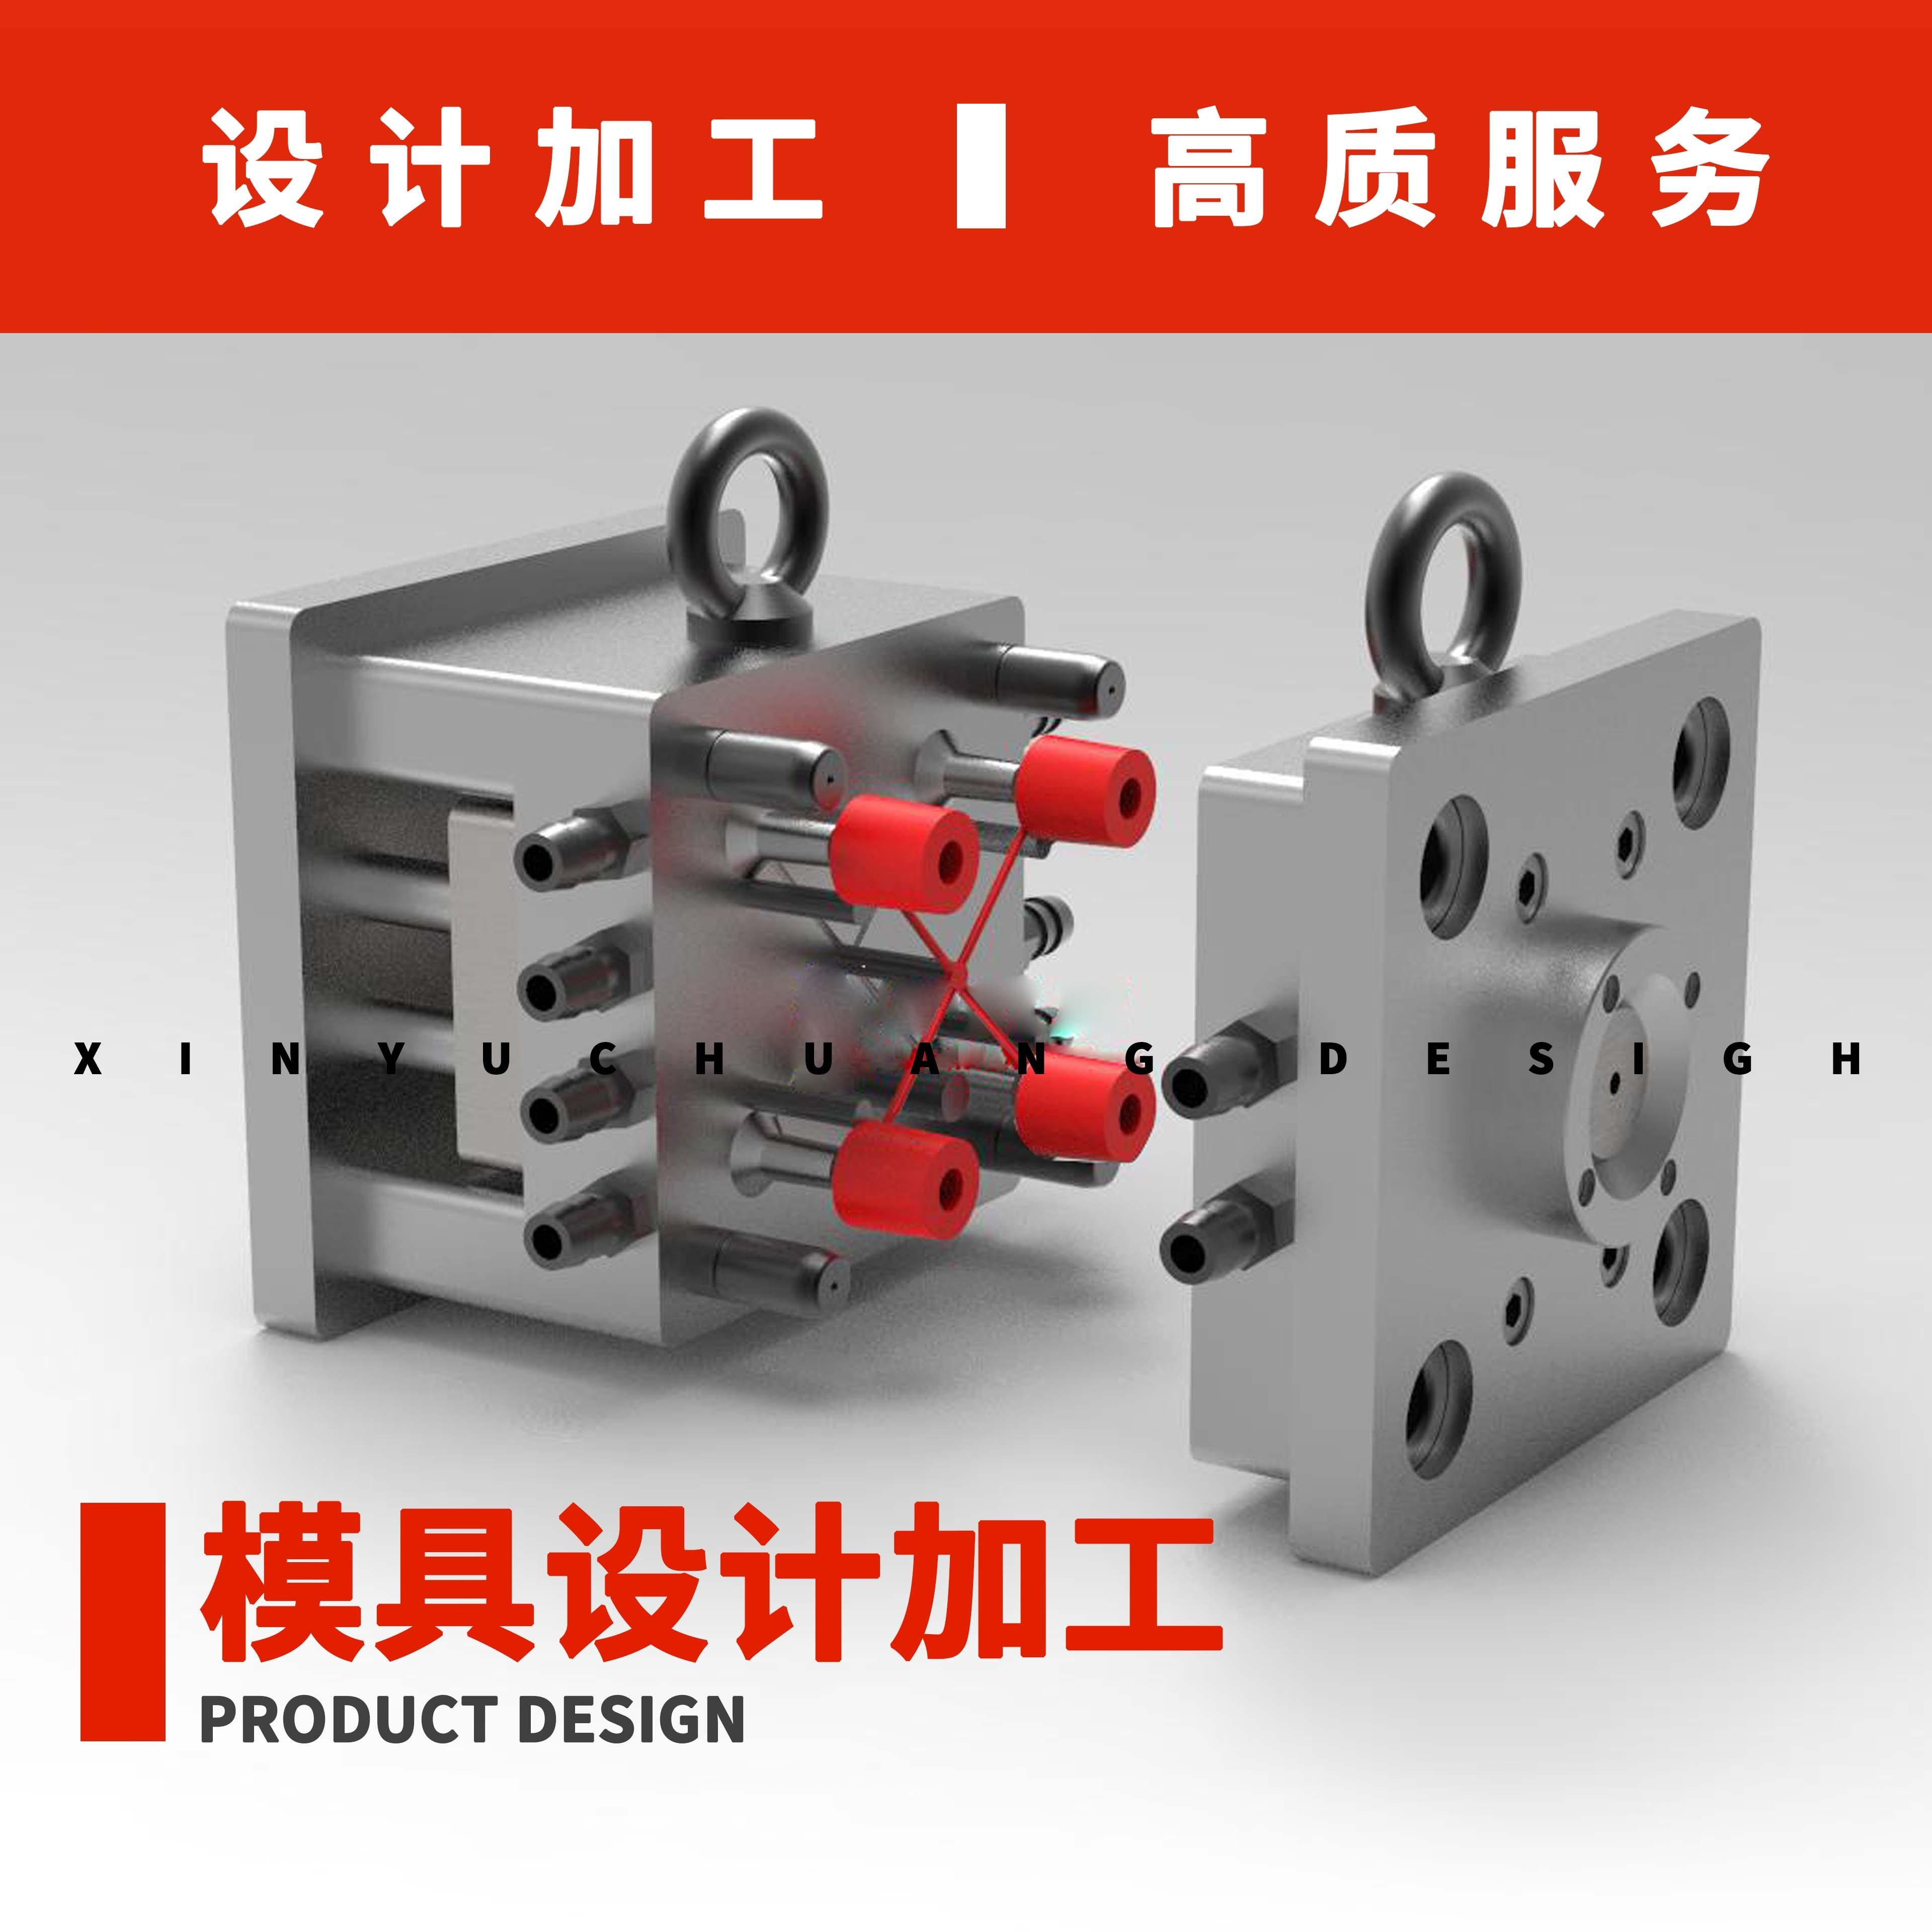 模具设计+模具开制+产品注塑